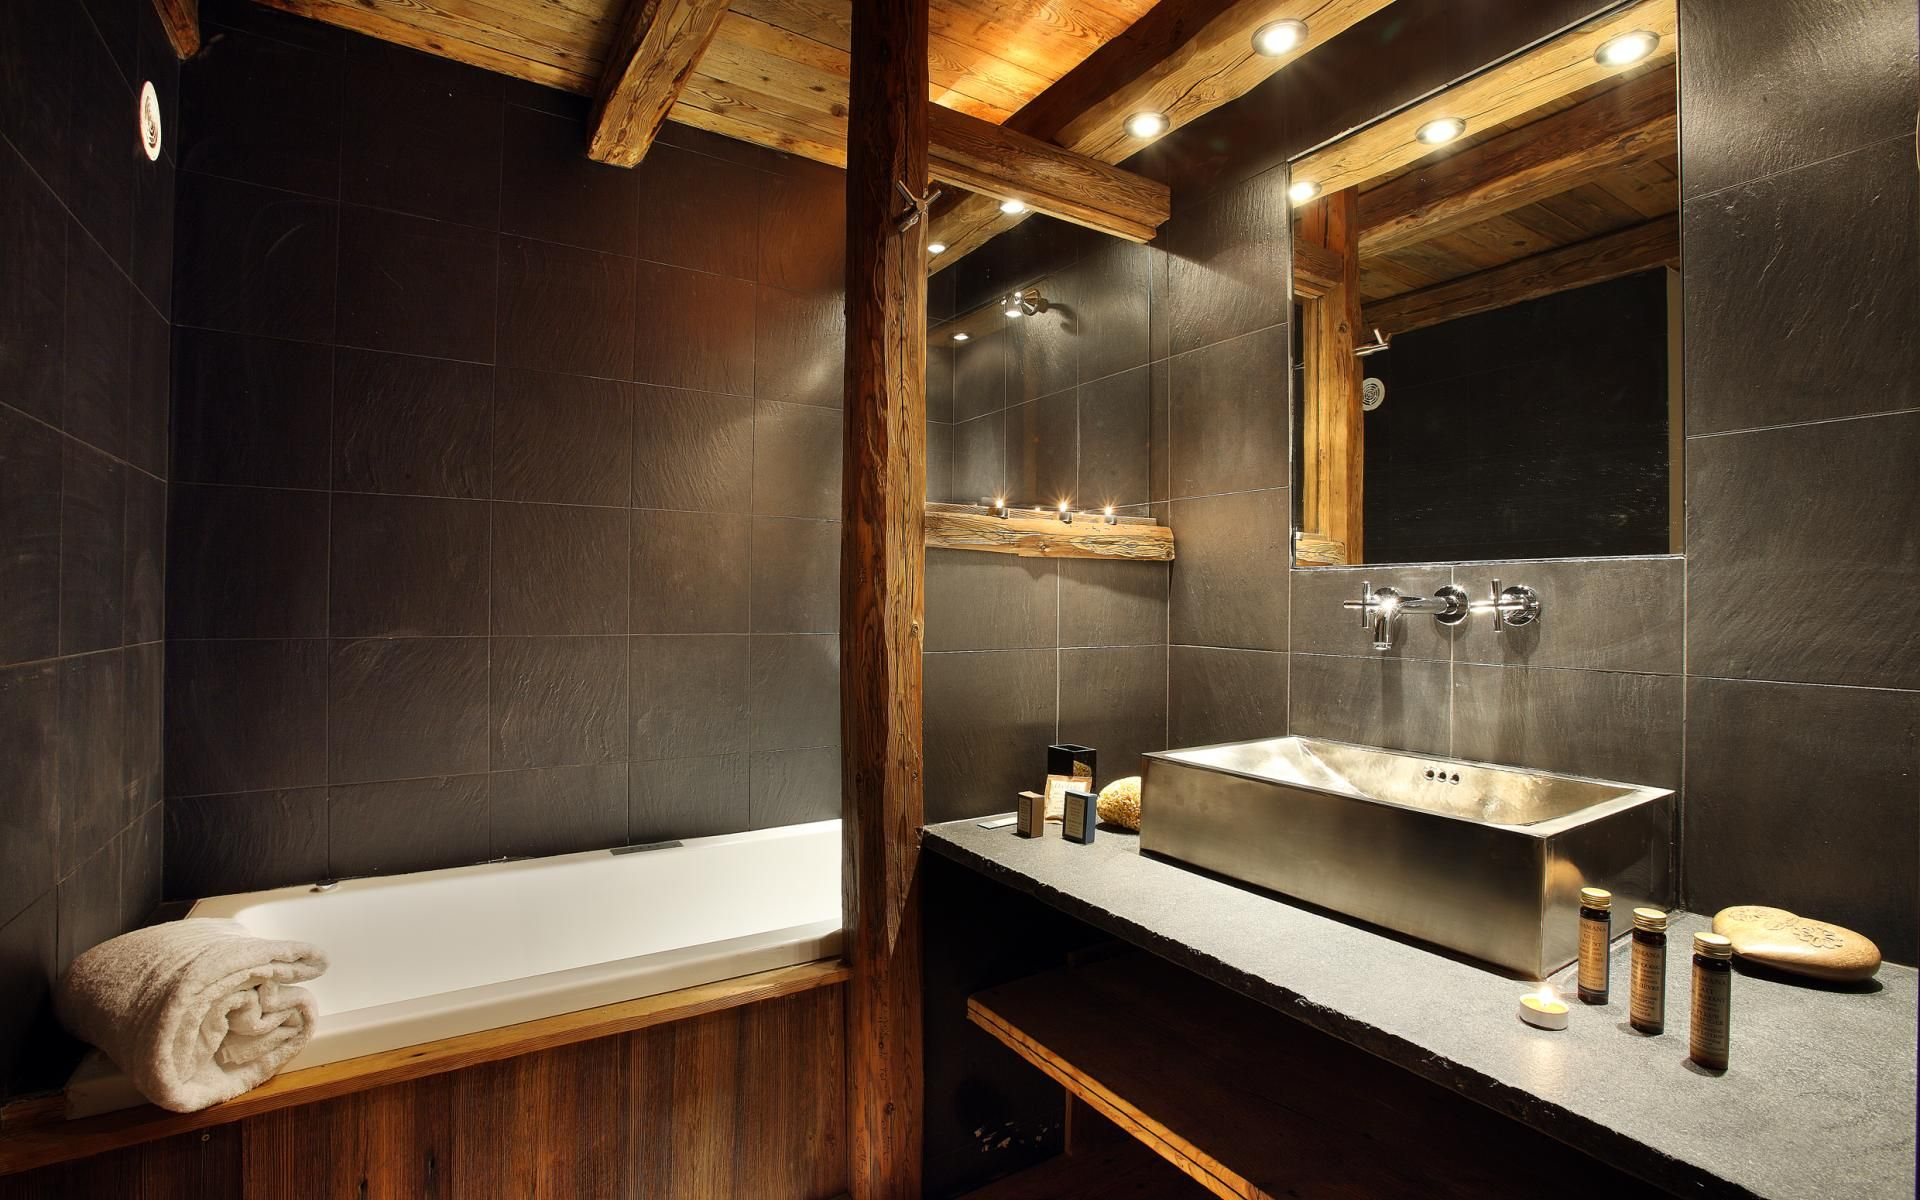 Bagno in pietra e legno idee case canuto mrustic for Case in pietra e legno